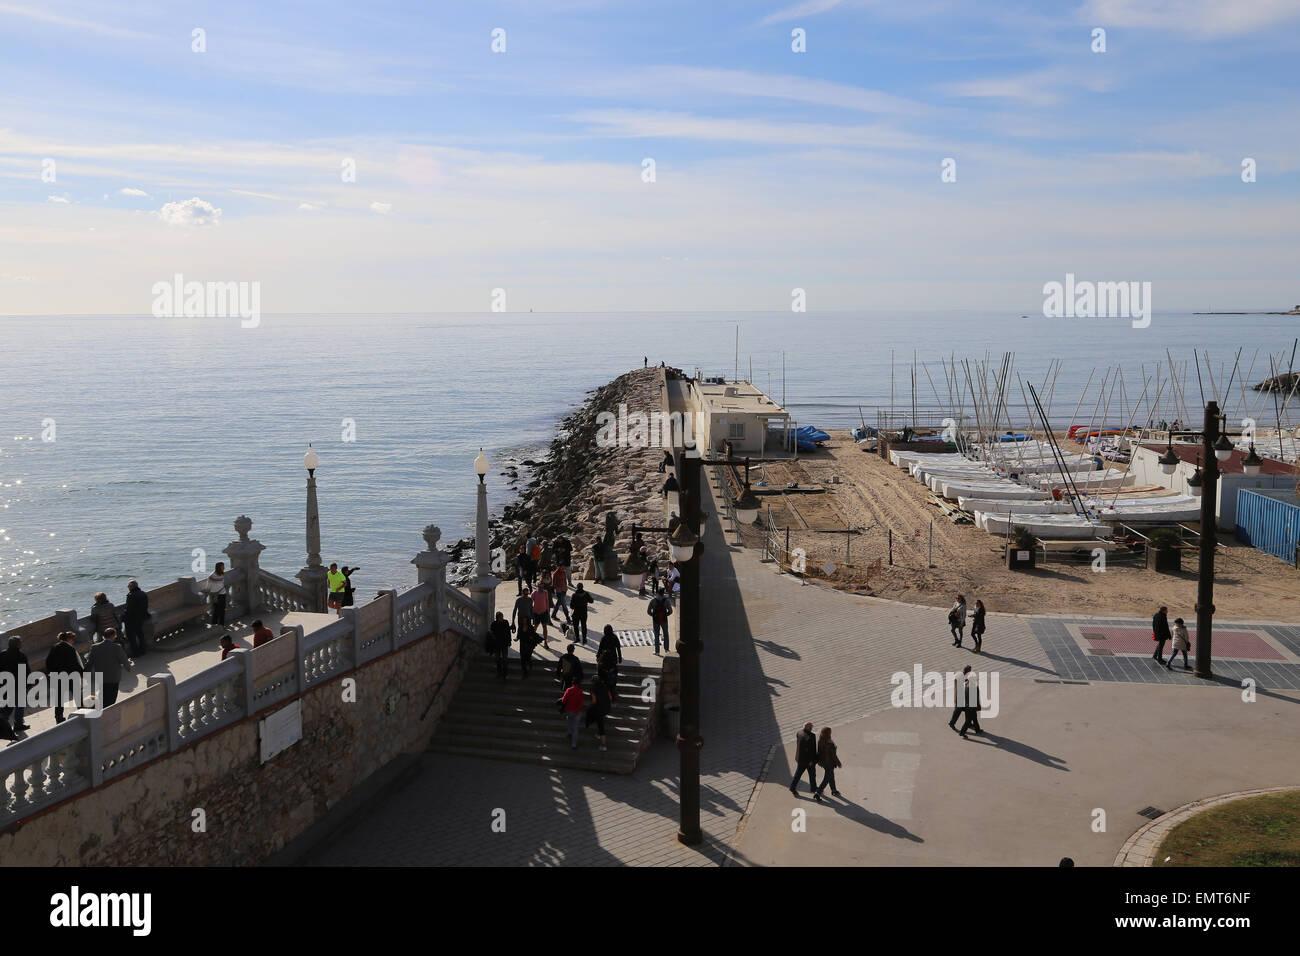 L'Espagne. La Catalogne. Sitges. Mer Méditerranée. Brise-lames. Photo Stock